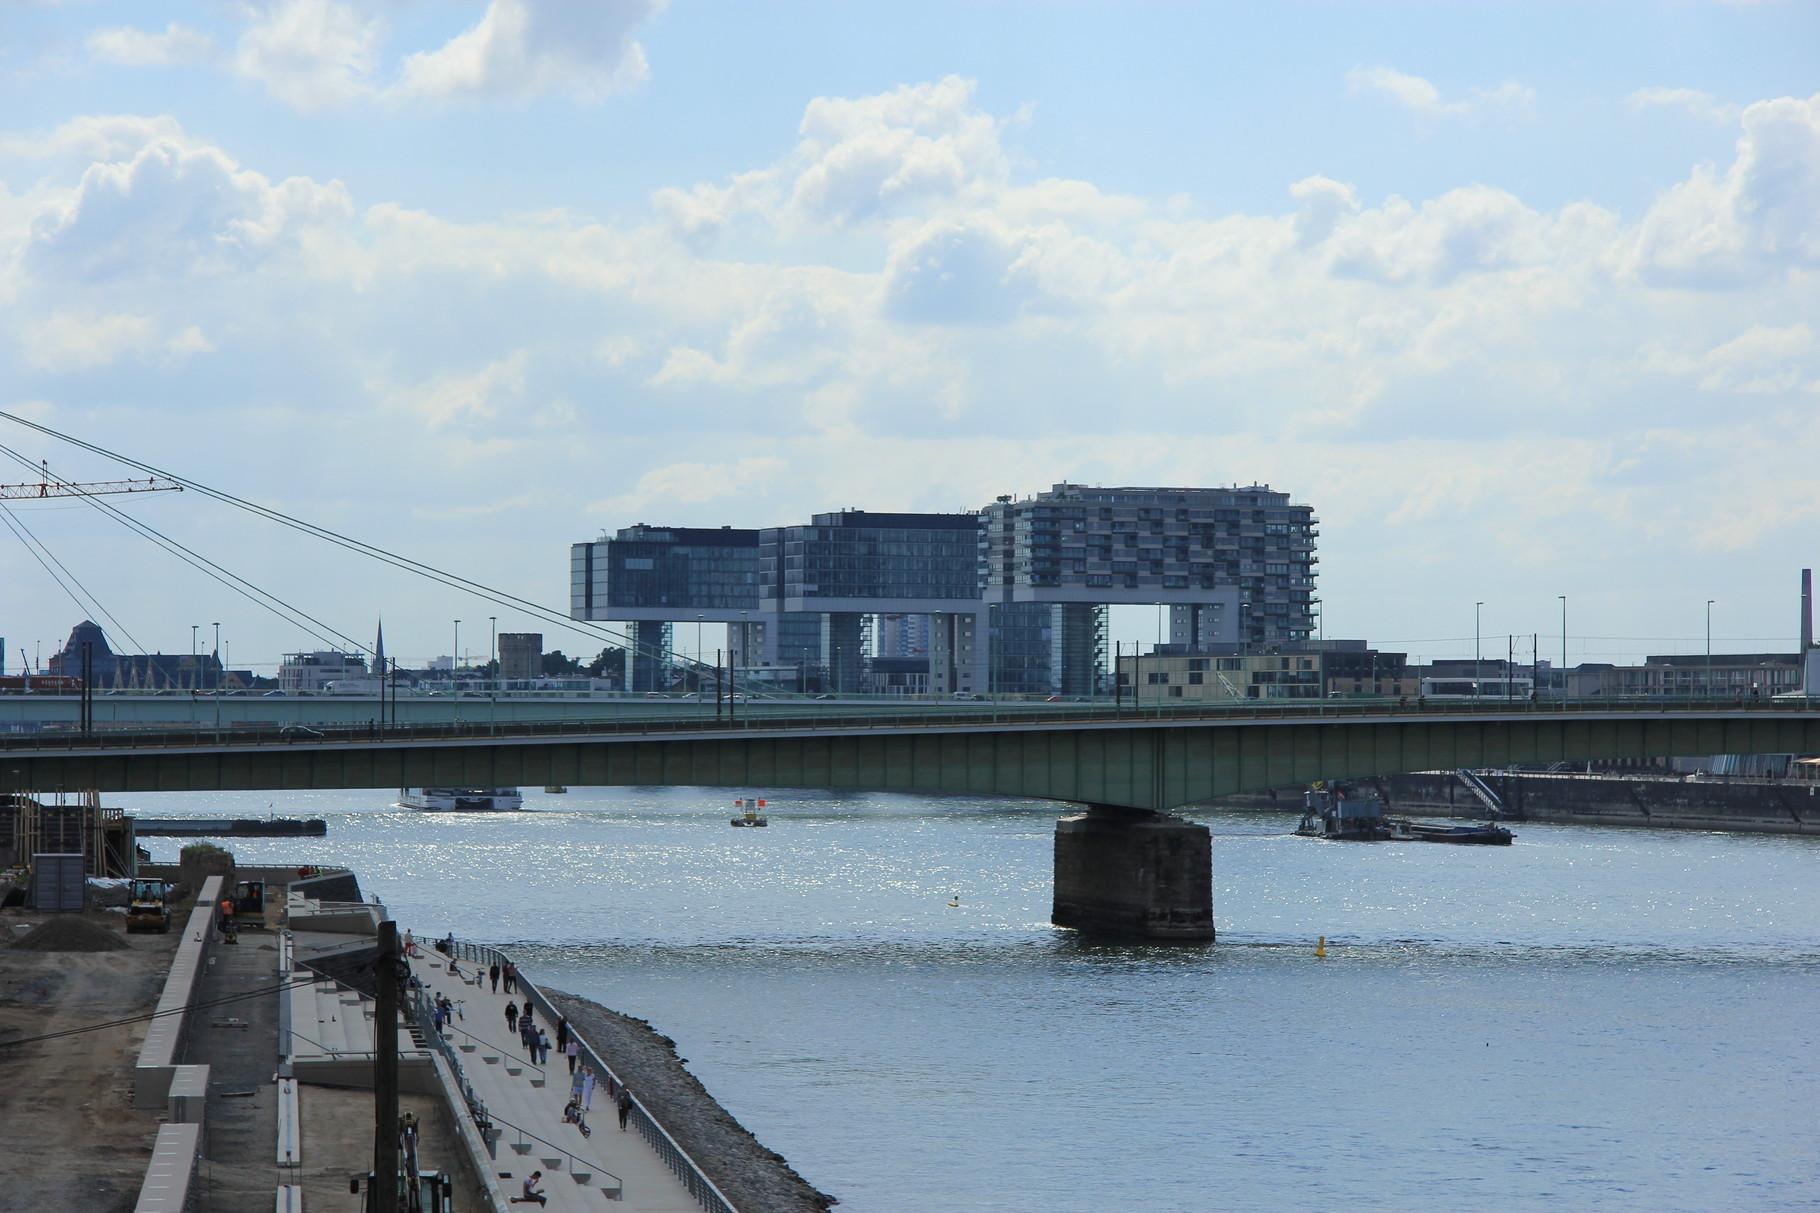 Geführte Fahrradtour - Blick auf die Deutzer Brücke und die Kranhäuser